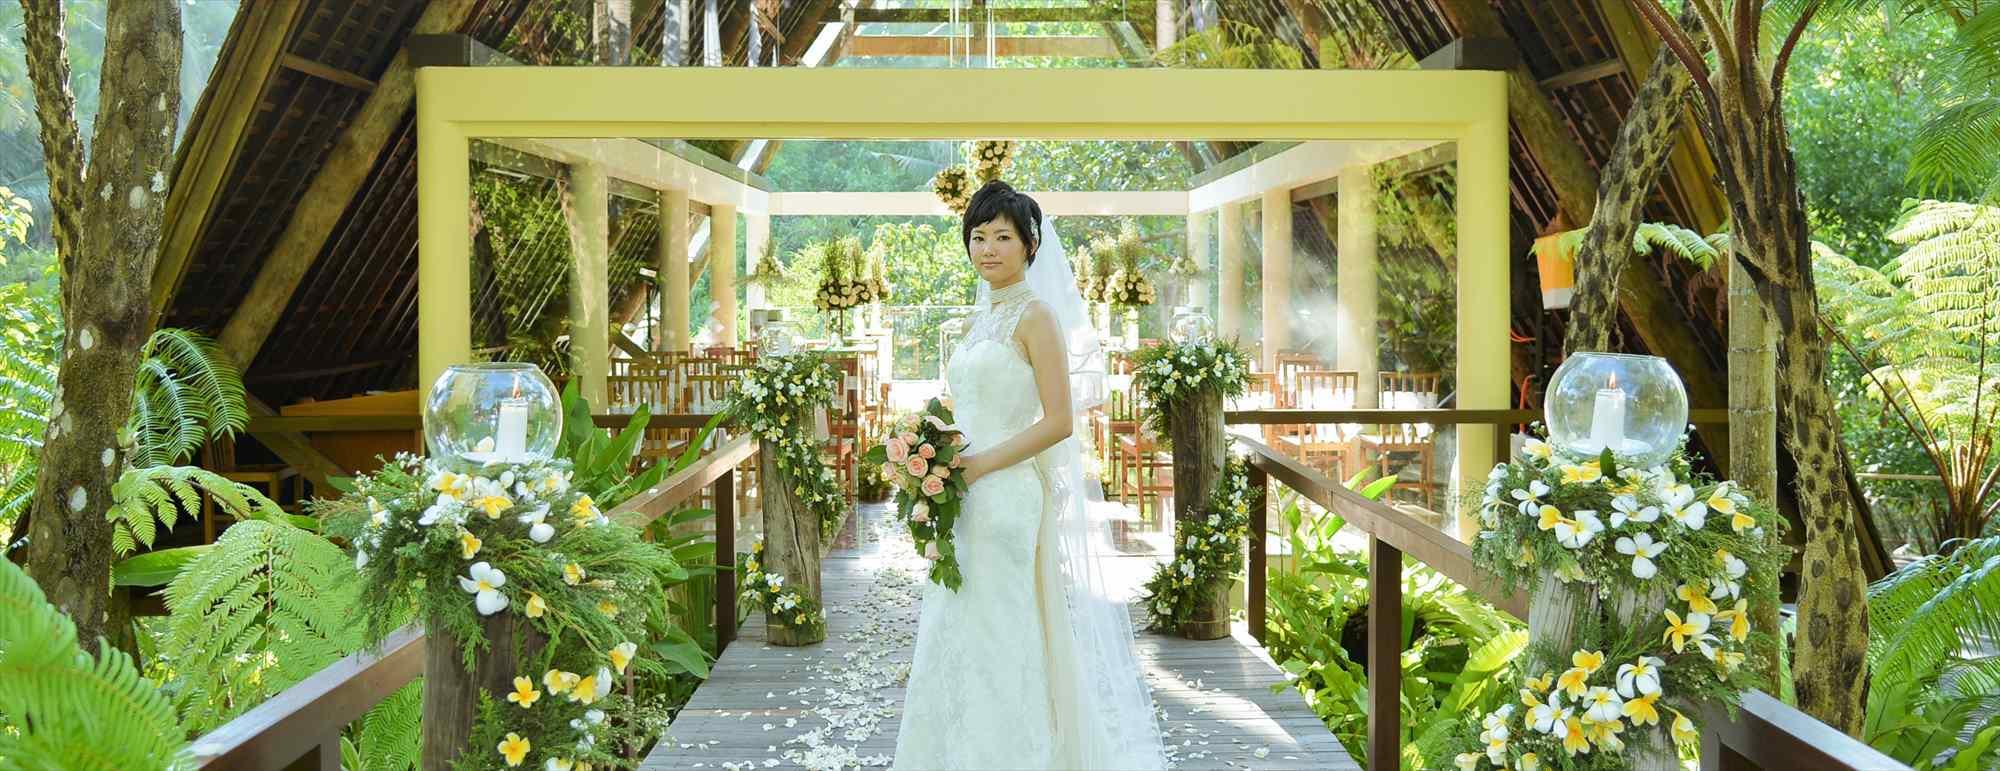 バリ島ウブド・チャペル・ウェディング コマネカ・ビスマ ワナスマラ・チャペル挙式 Komaneka at Bisama Wanasmara Chapel Wedding